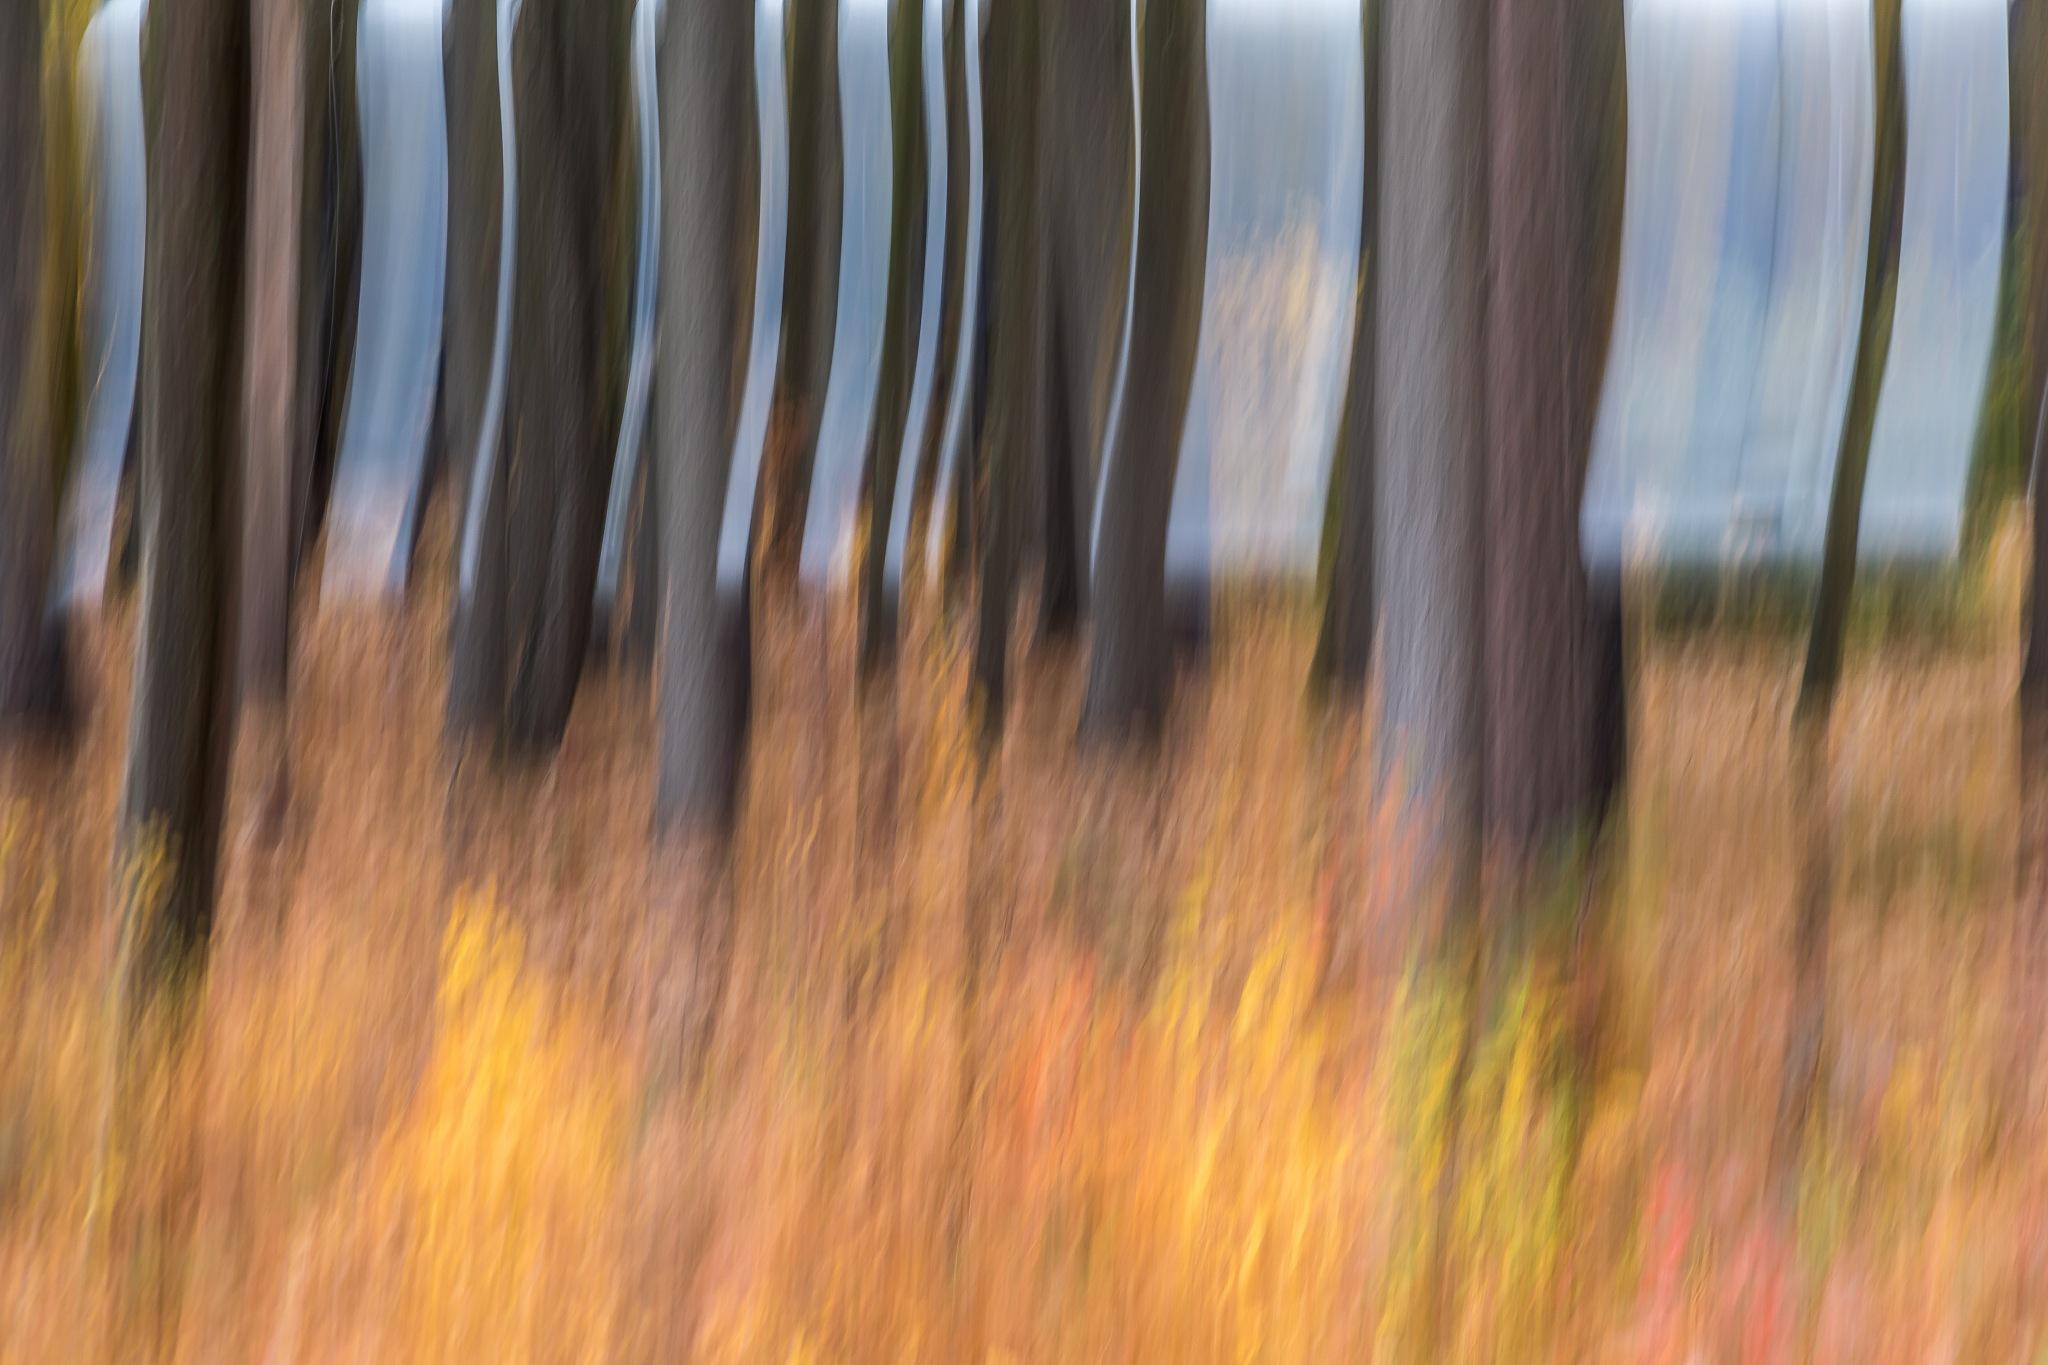 Autumn Abstract by lisalettieri5